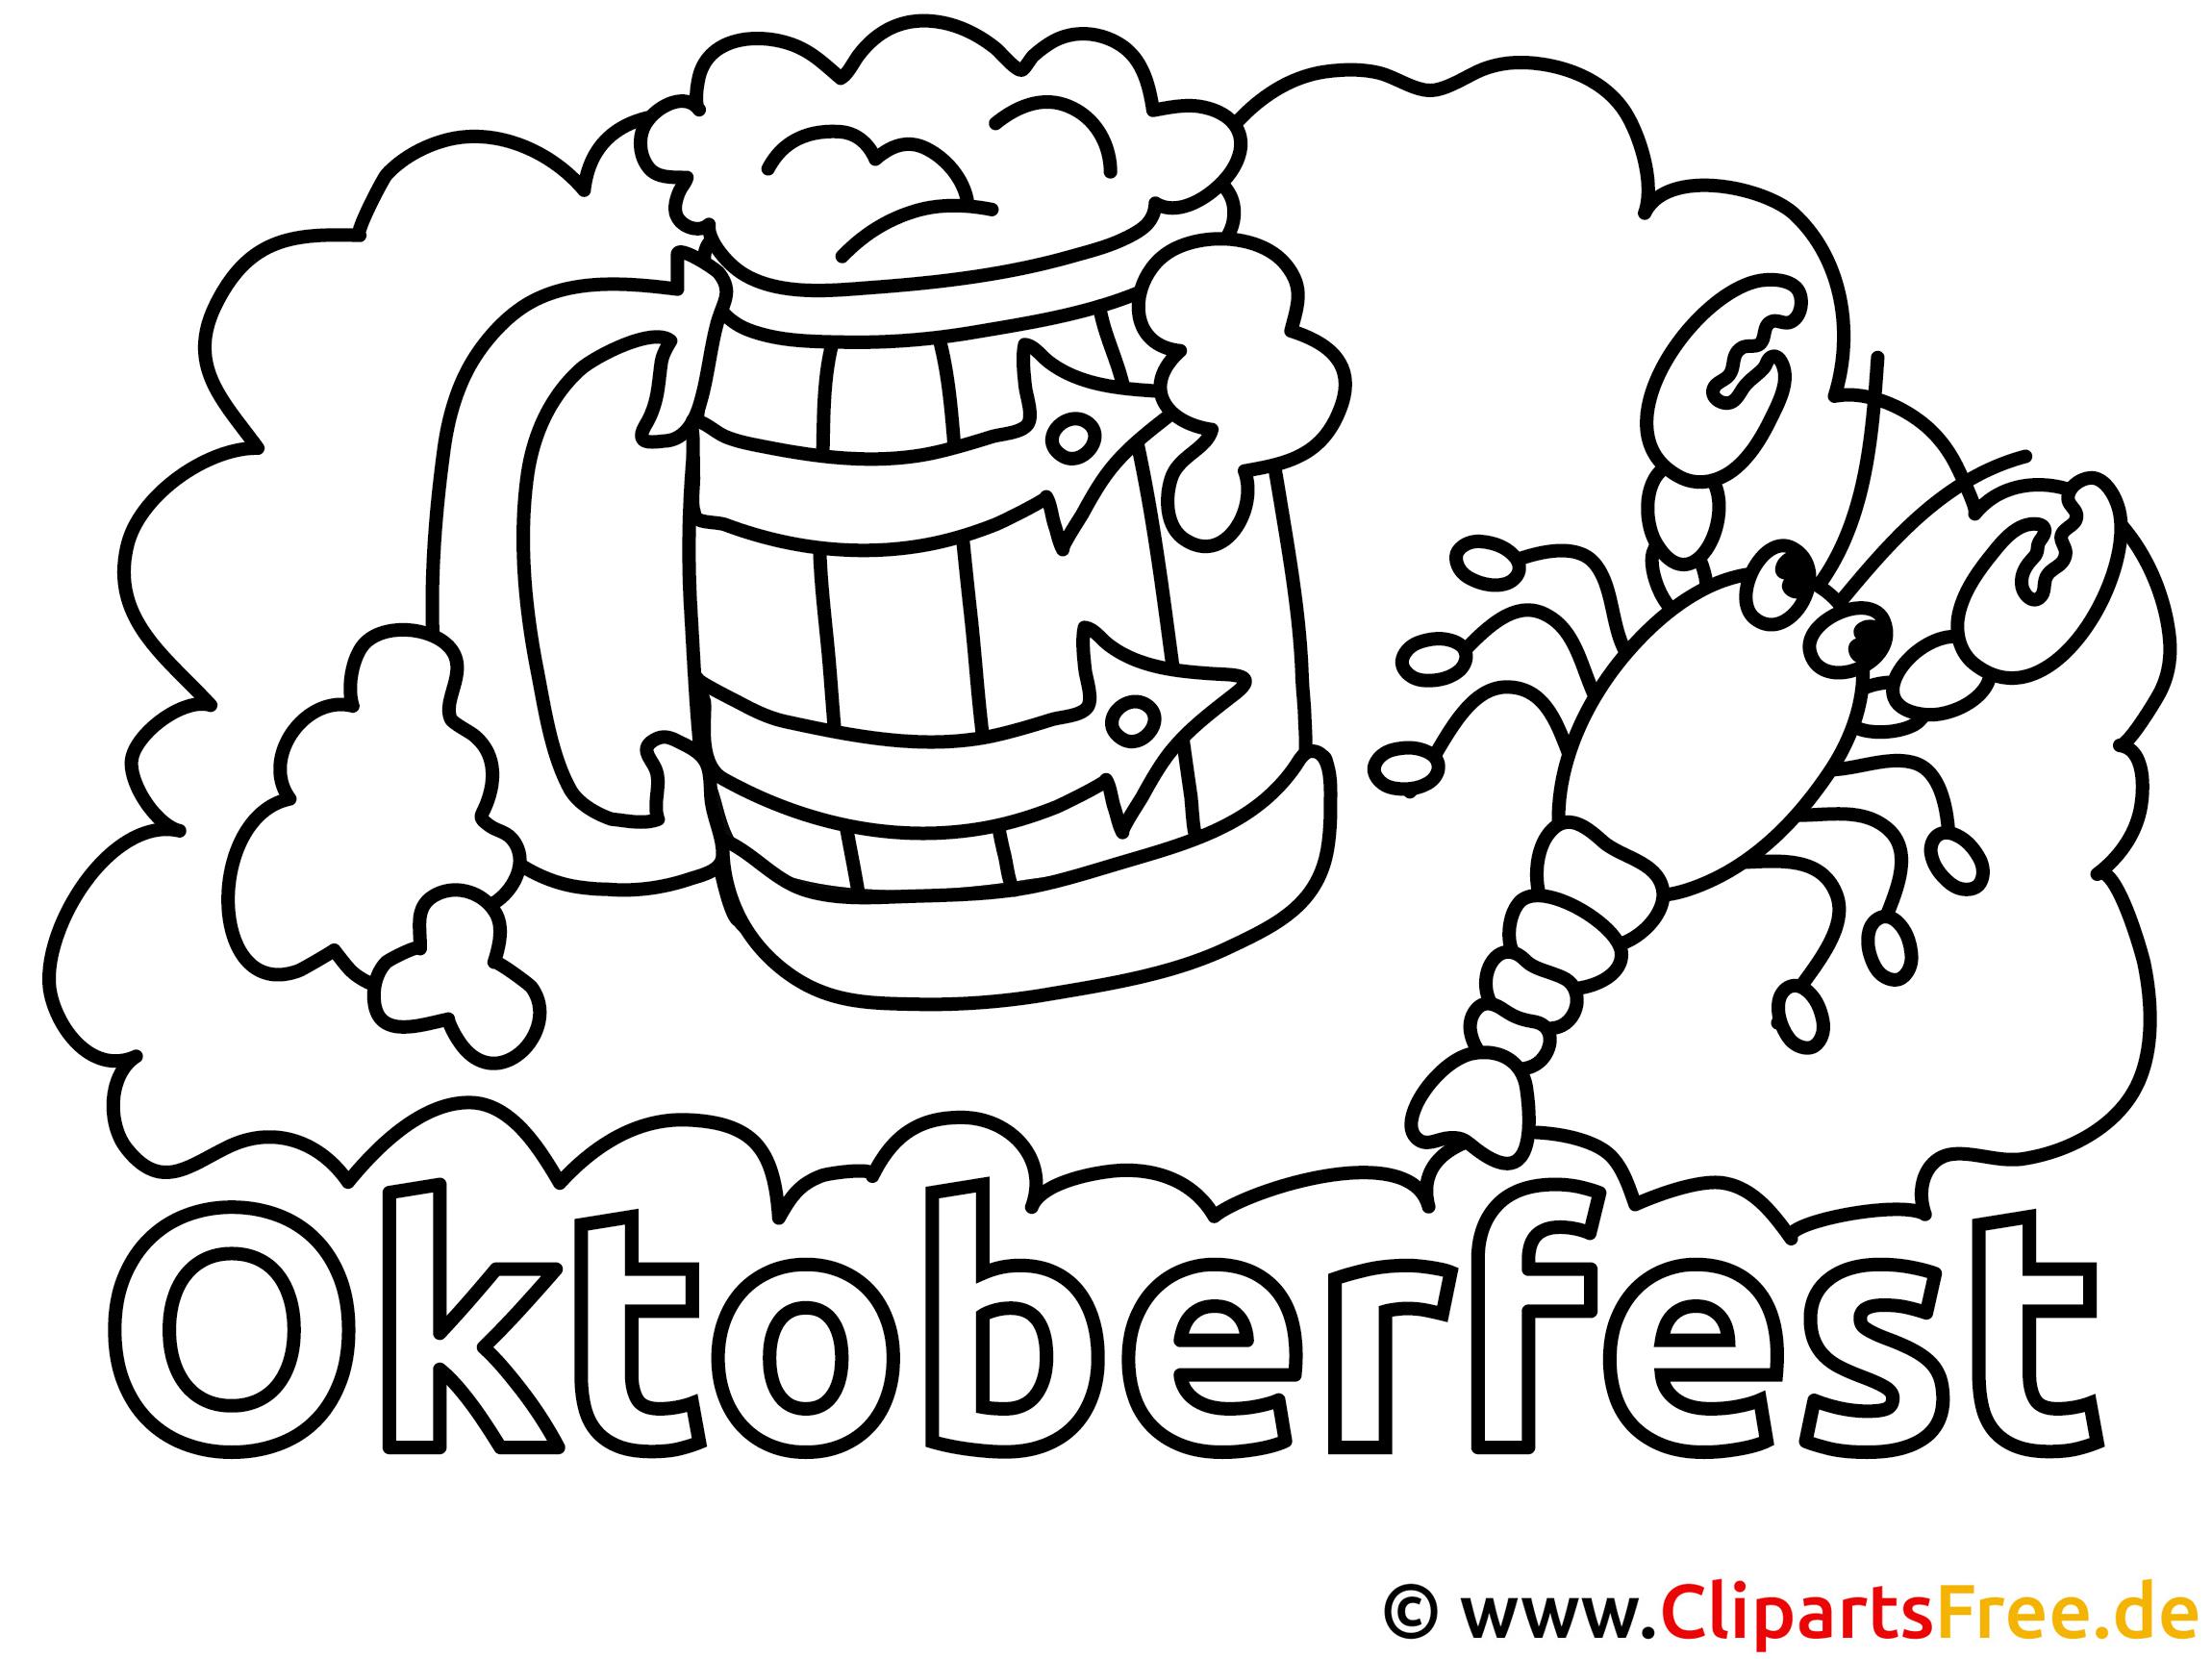 Oktoberfest Bild zum Ausmalen